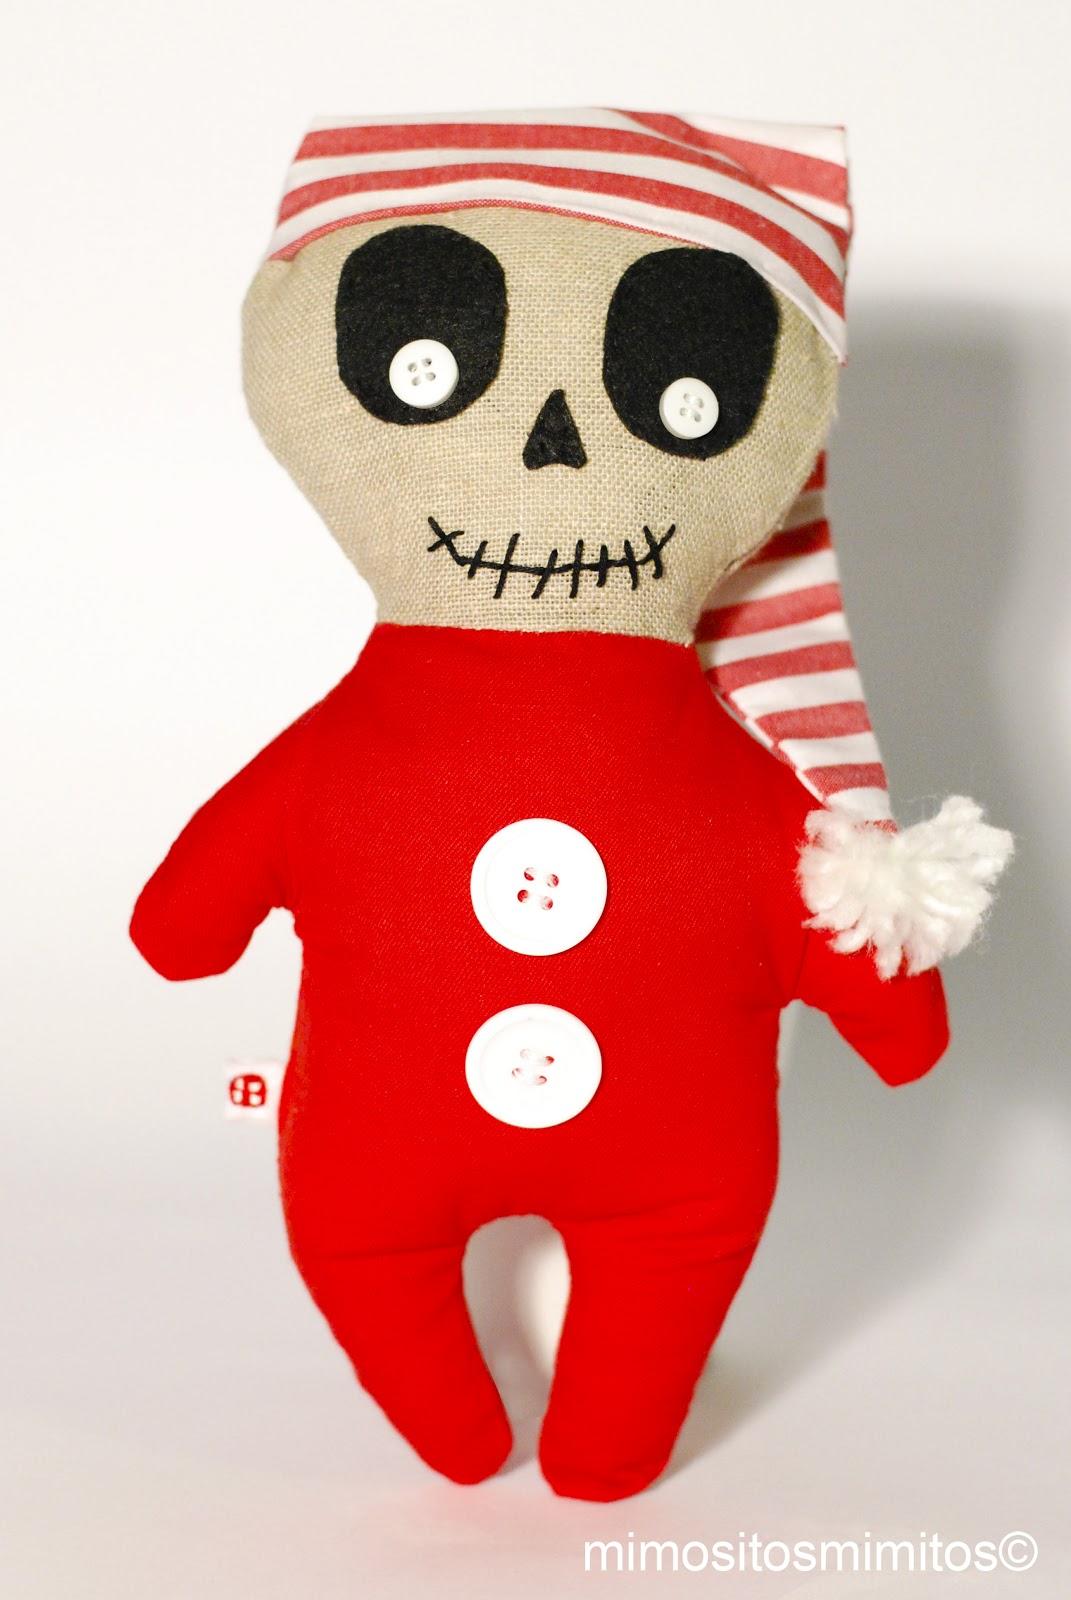 muñeco de tela y trapo de navidad halloween con adornos de fieltro y botones